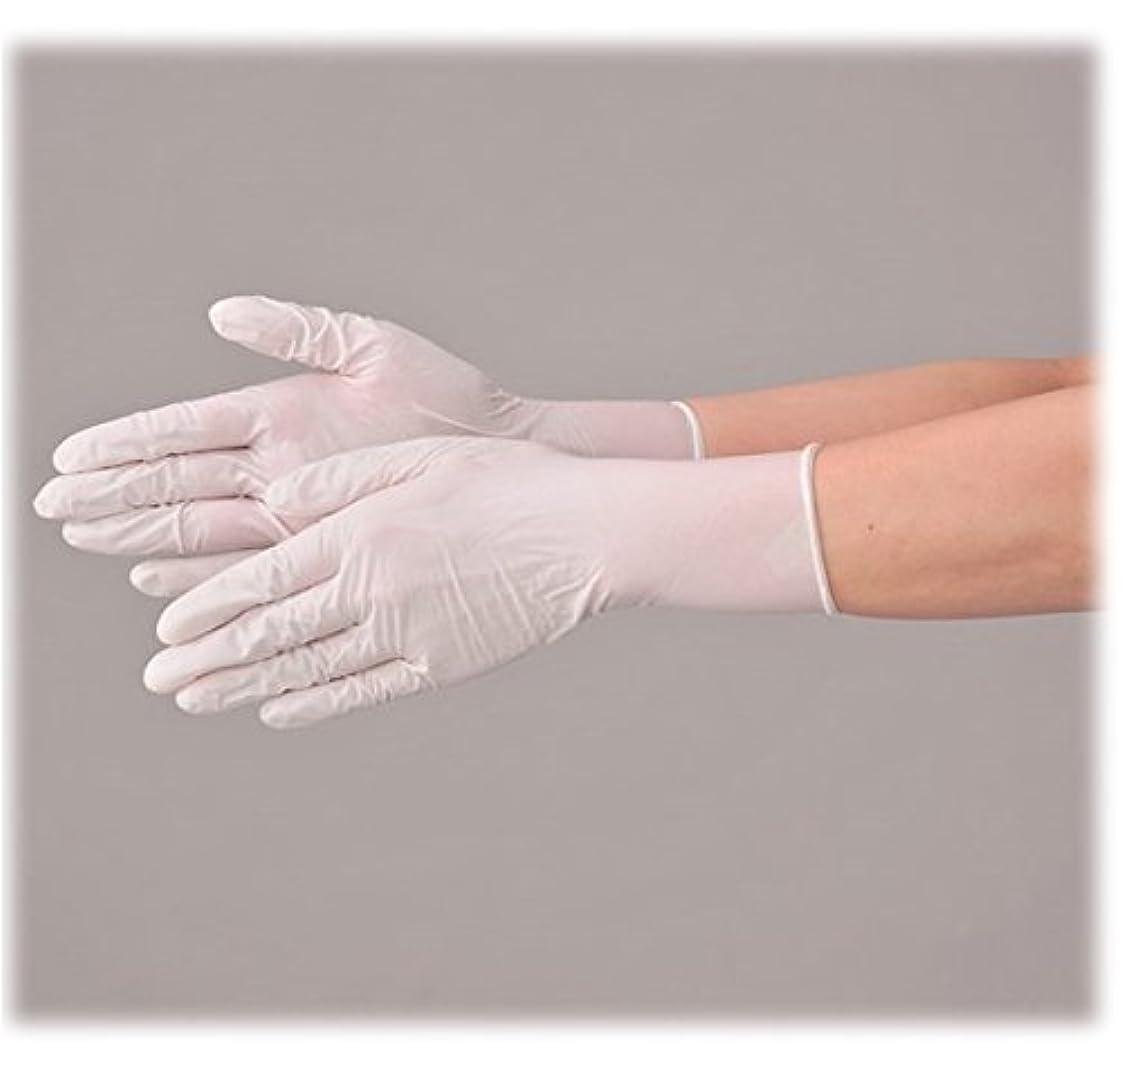 軽攻撃的ベーシック使い捨て 手袋 エブノ 535 ニトリルNEOライト ホワイト Sサイズ パウダーフリー 2ケース(100枚×60箱)